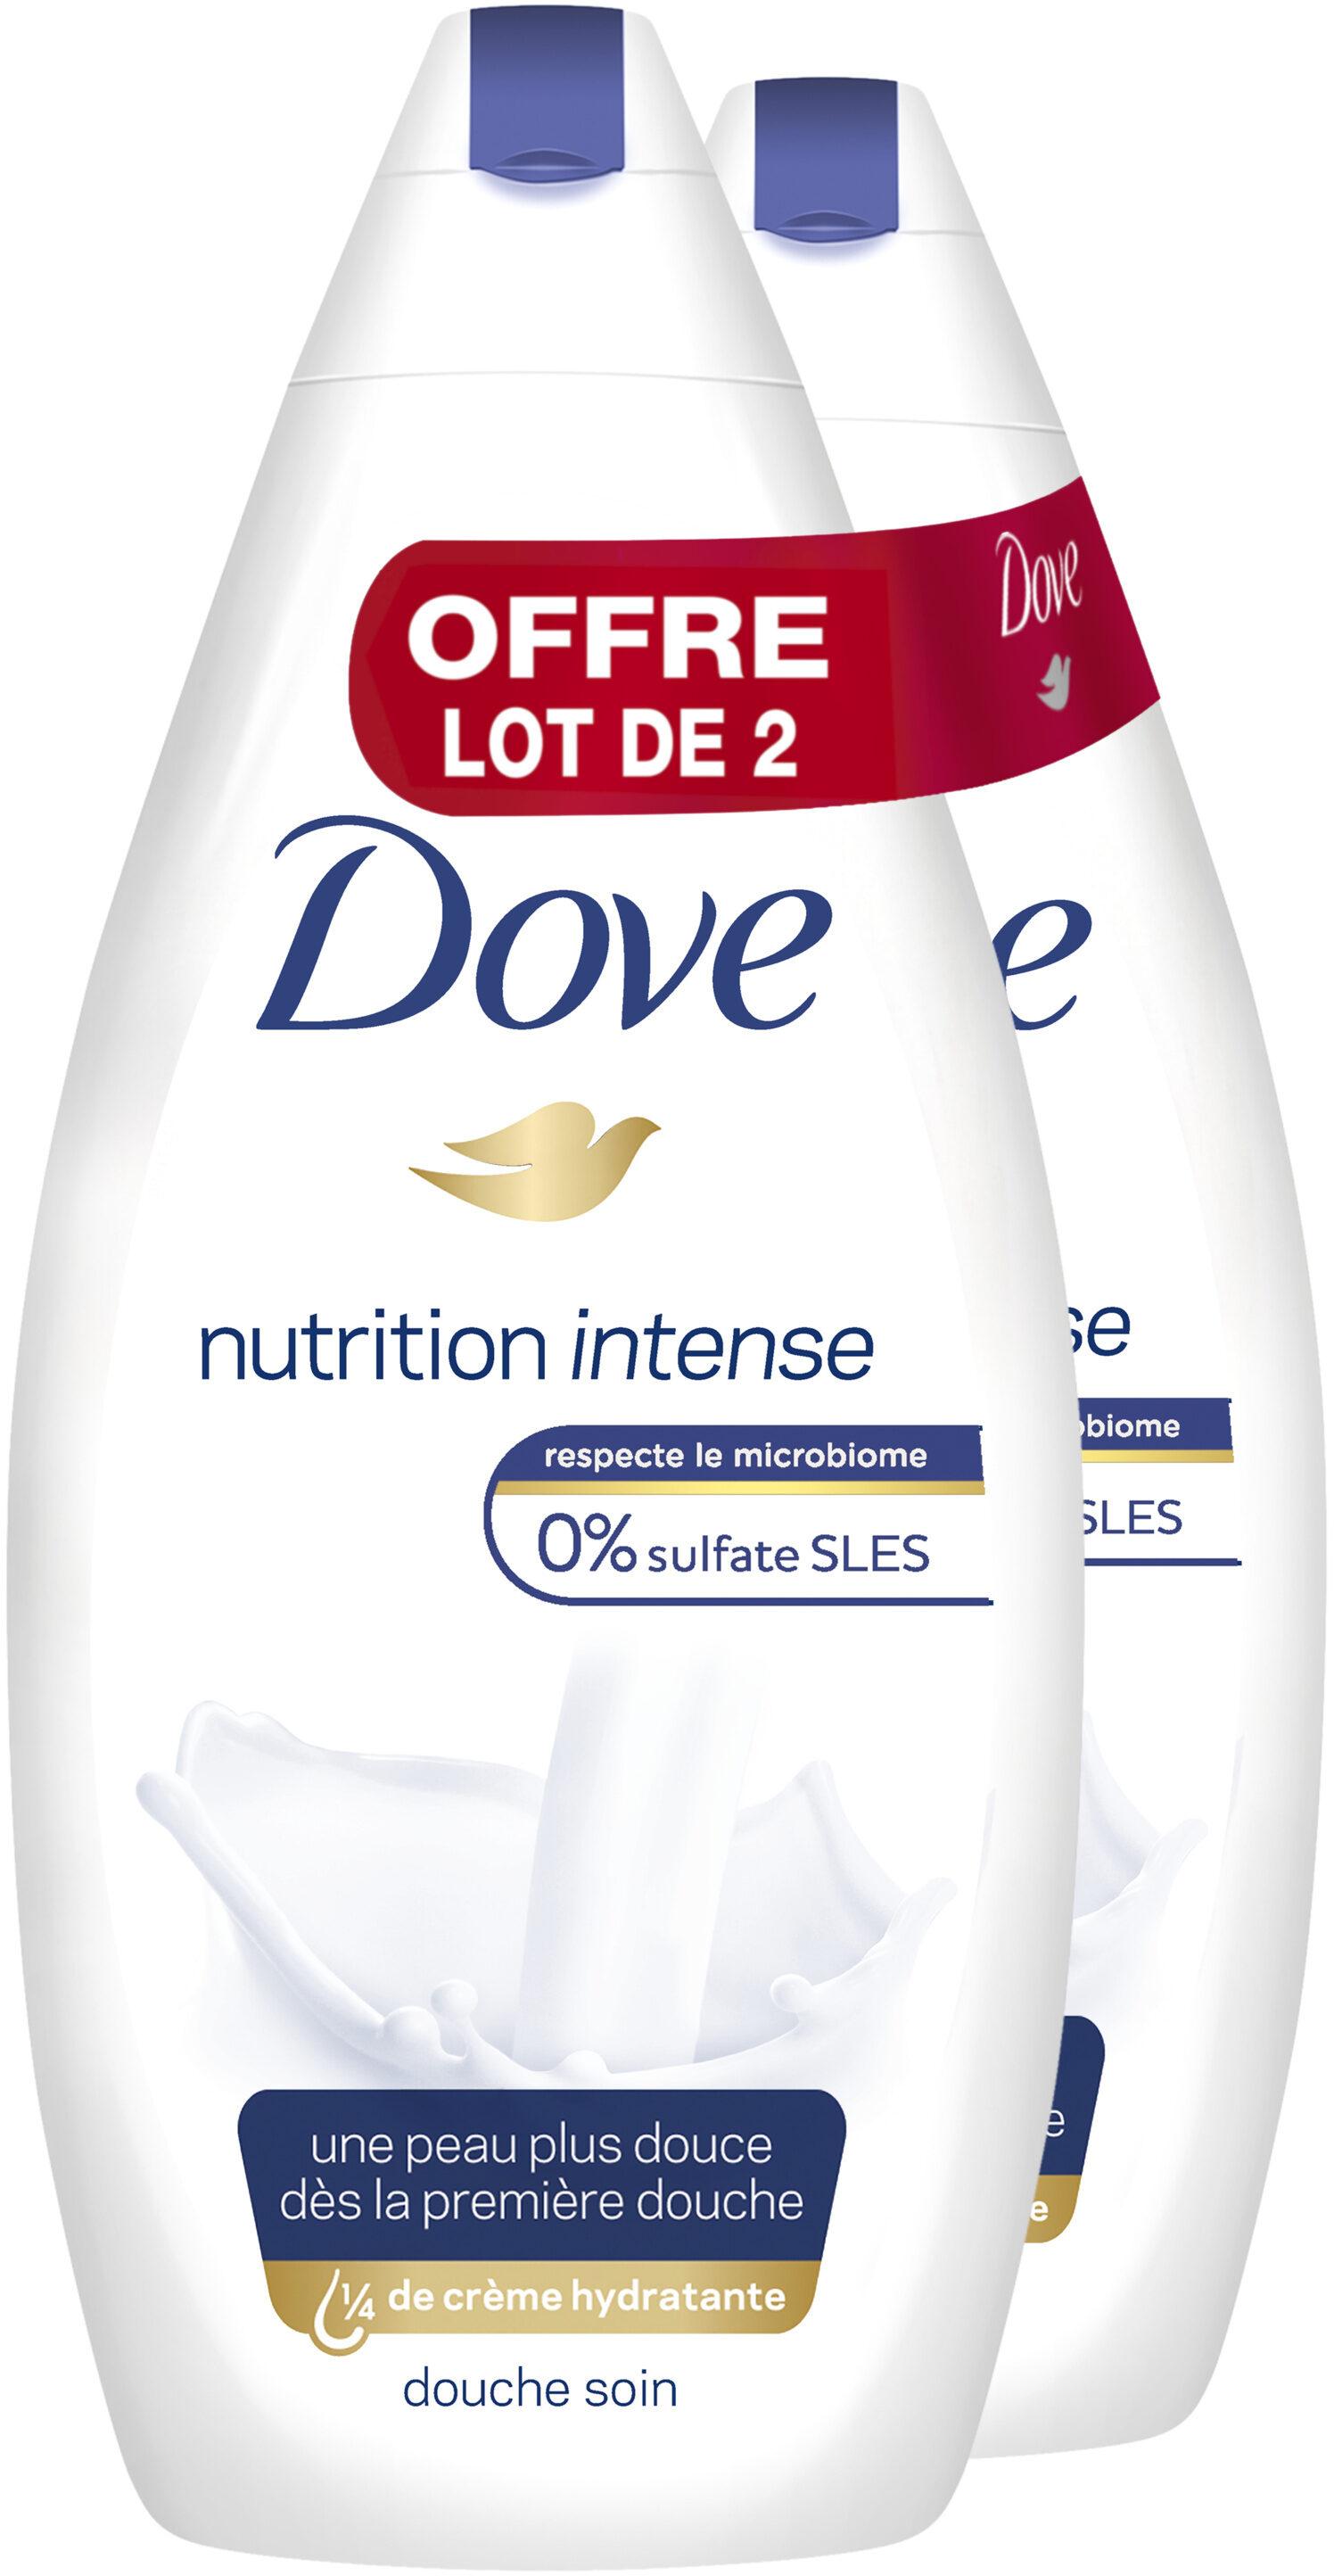 Dove Gel Douche Nutrition Intense 750ml Lot de 2 - Product - fr